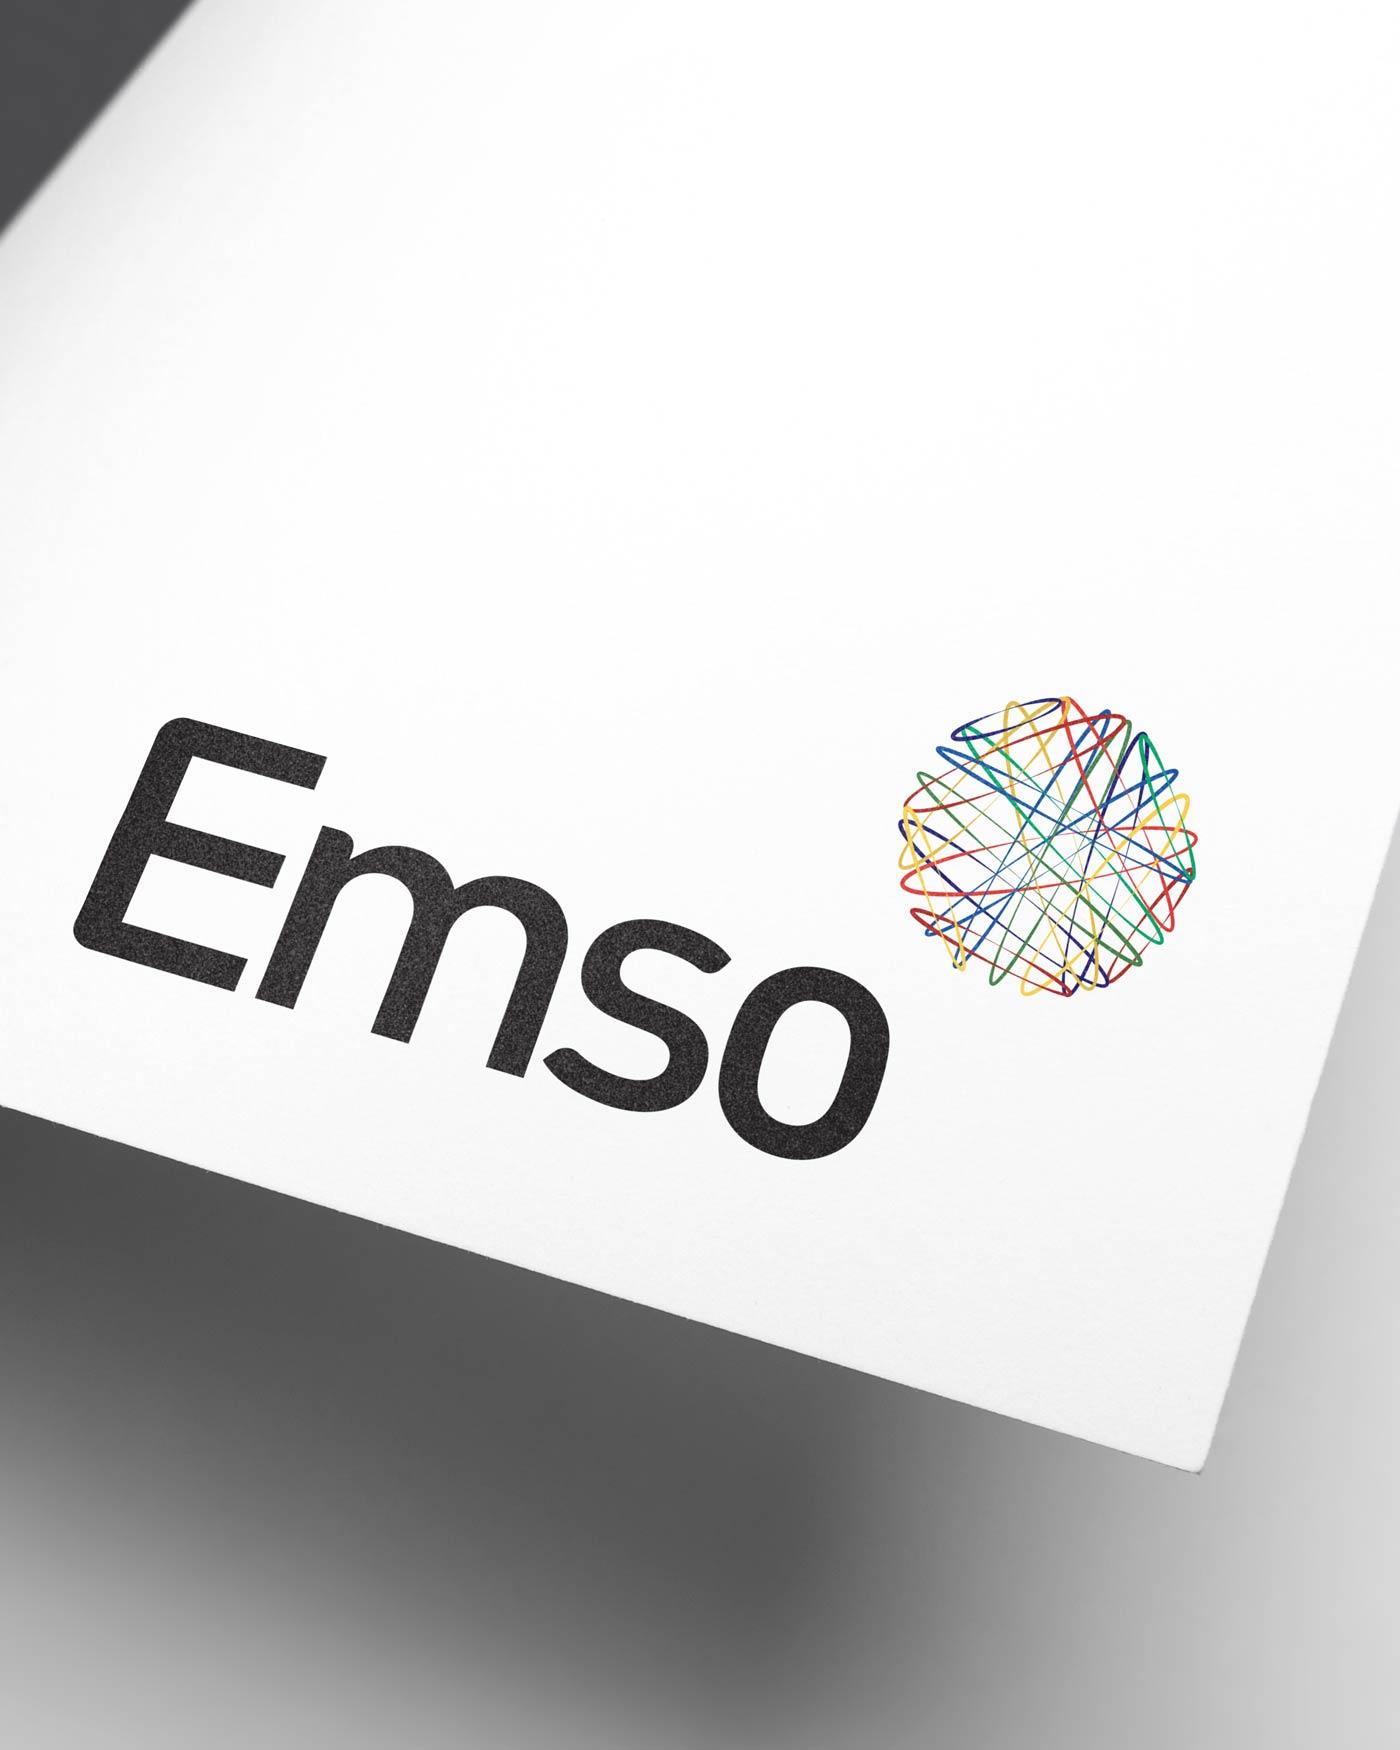 Emso case study cover portrait